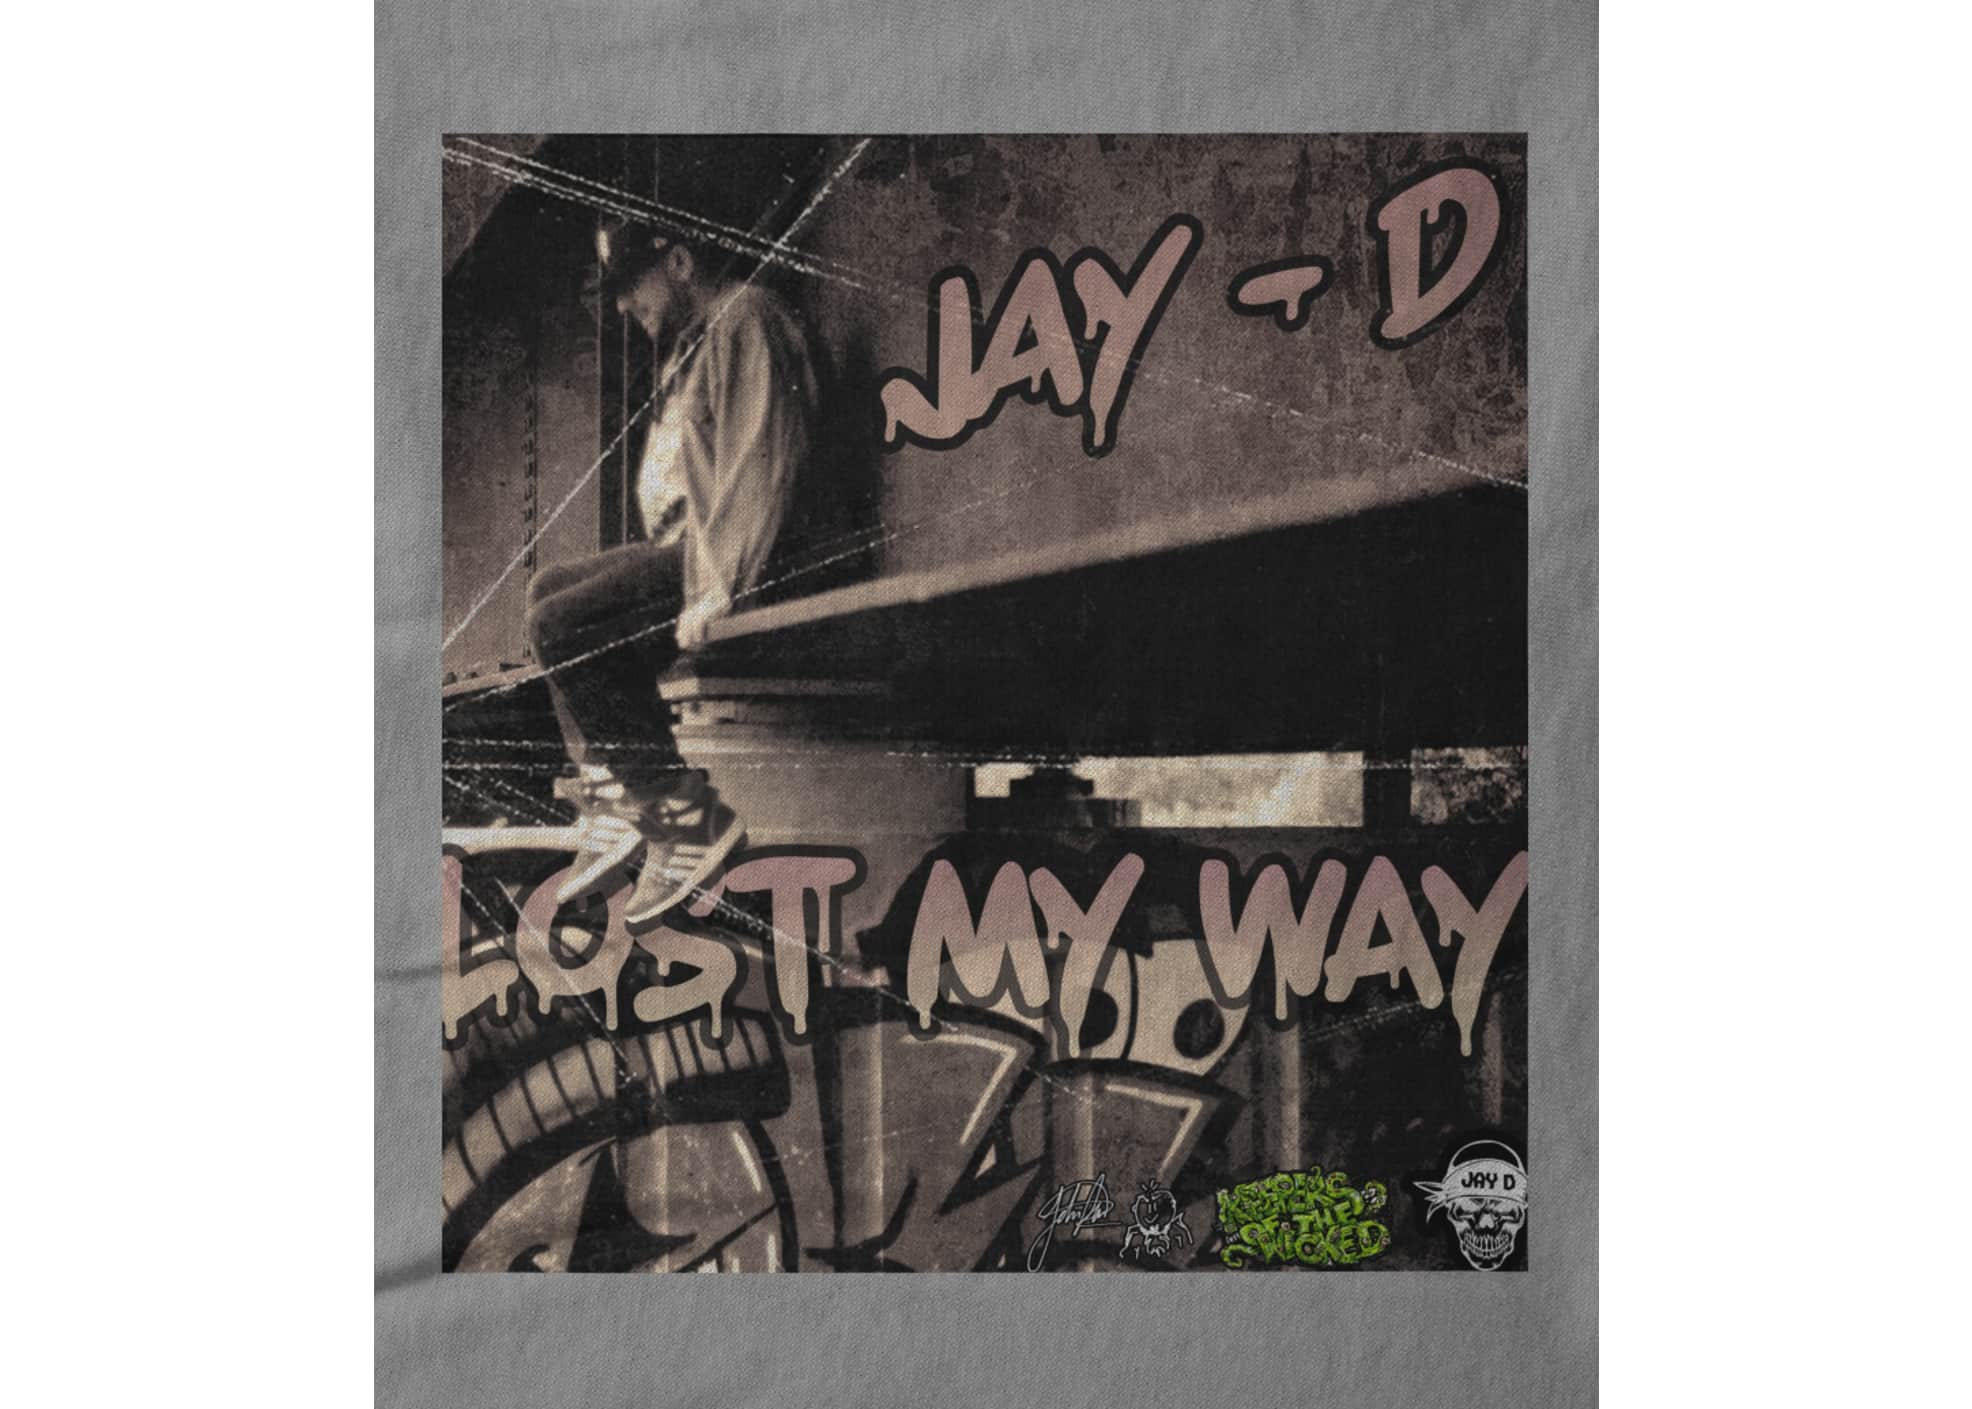 Jay d lost my way 1610295123